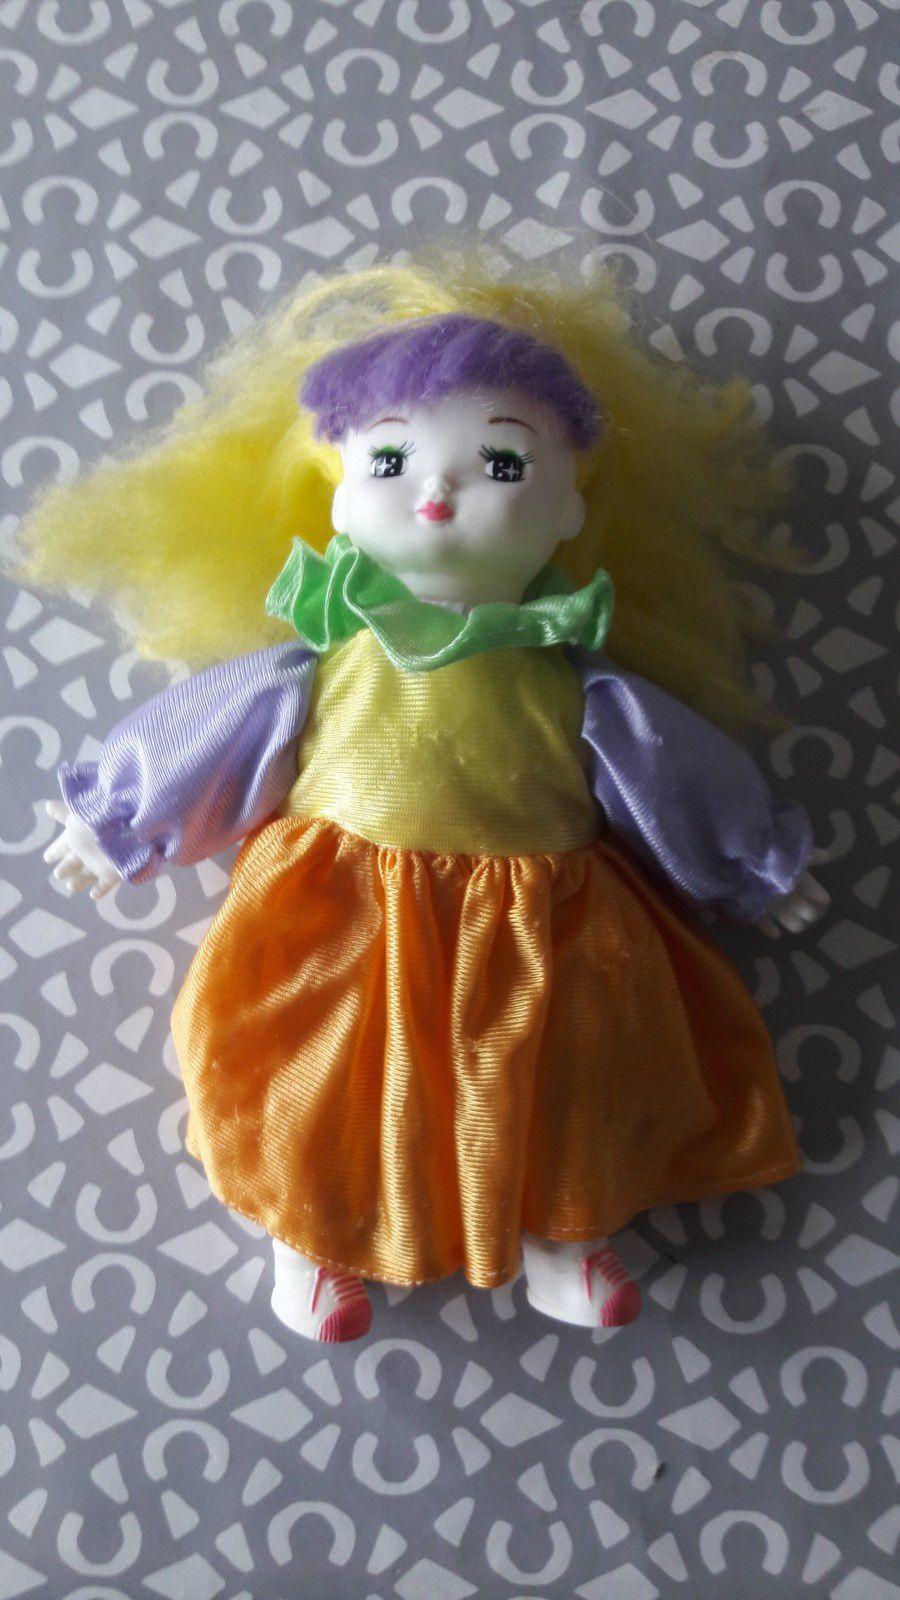 Voici une curieuse poupée à mi chemin entre Pierrot et Jem et les hologrammes :) Dotée de baskets et de cheveux fluo, je l'avais reçue petite en Italie mais tout ce qui était jaune sur elle était rose chez moi.